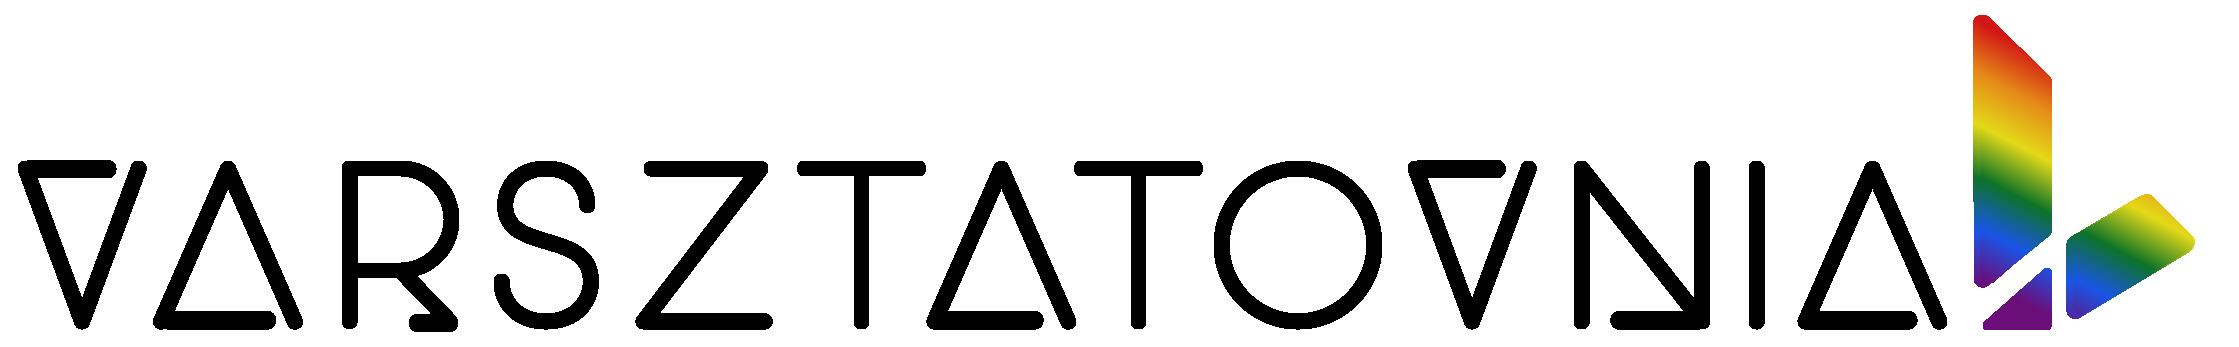 Varsztatovnia